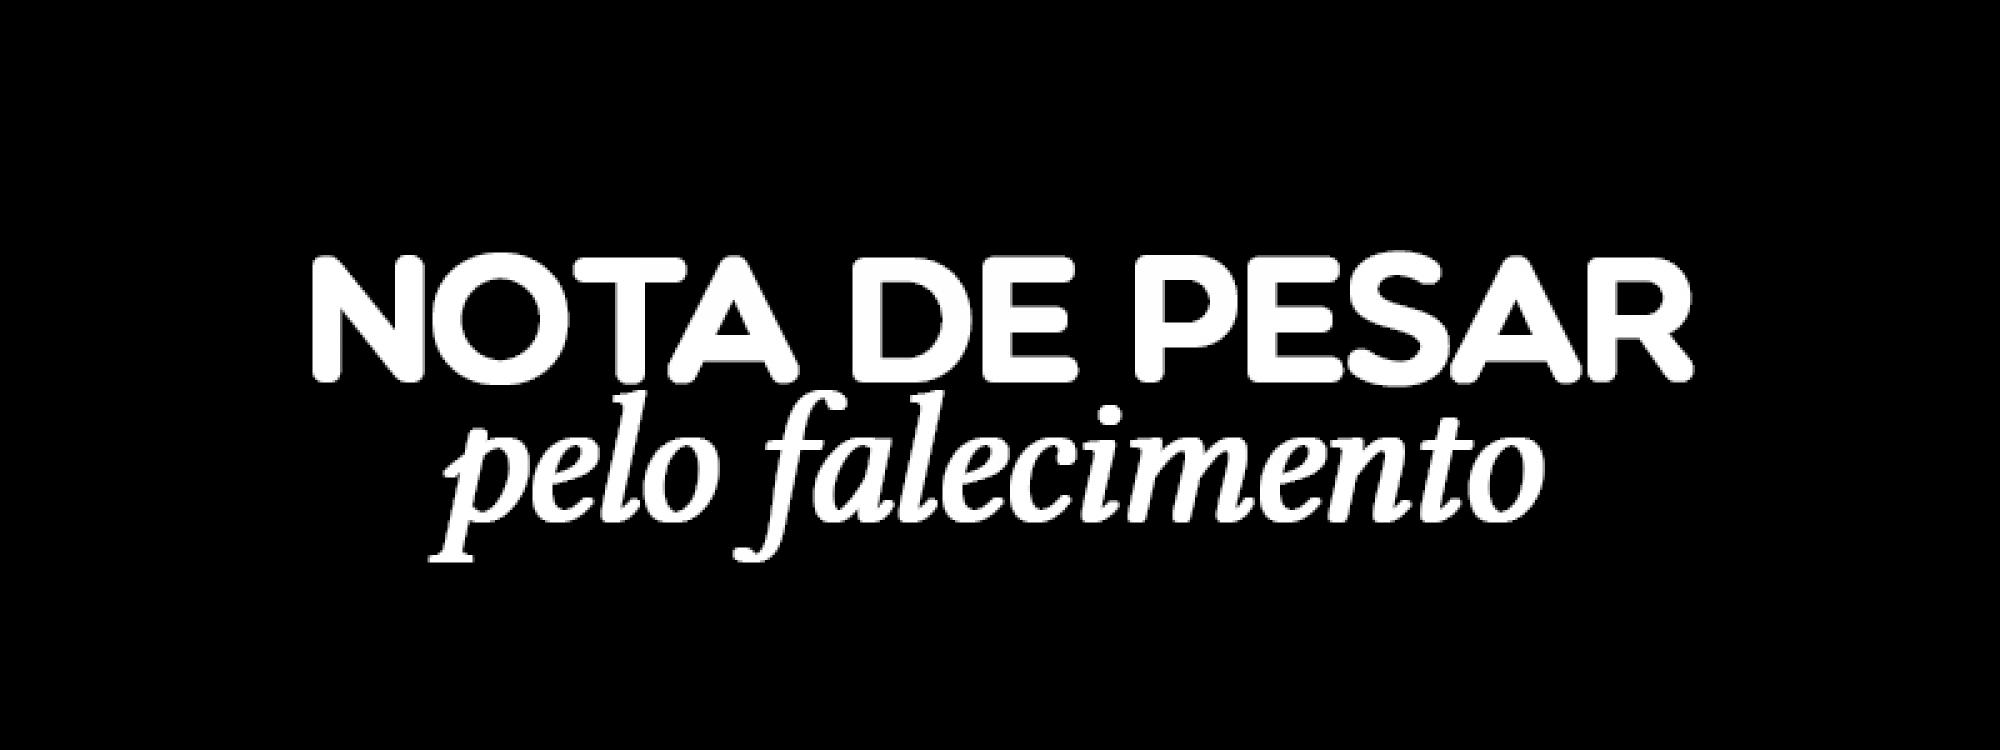 Nota de pesar pelo falecimento do professor Aparecido Eurípedes Onório Magalhães